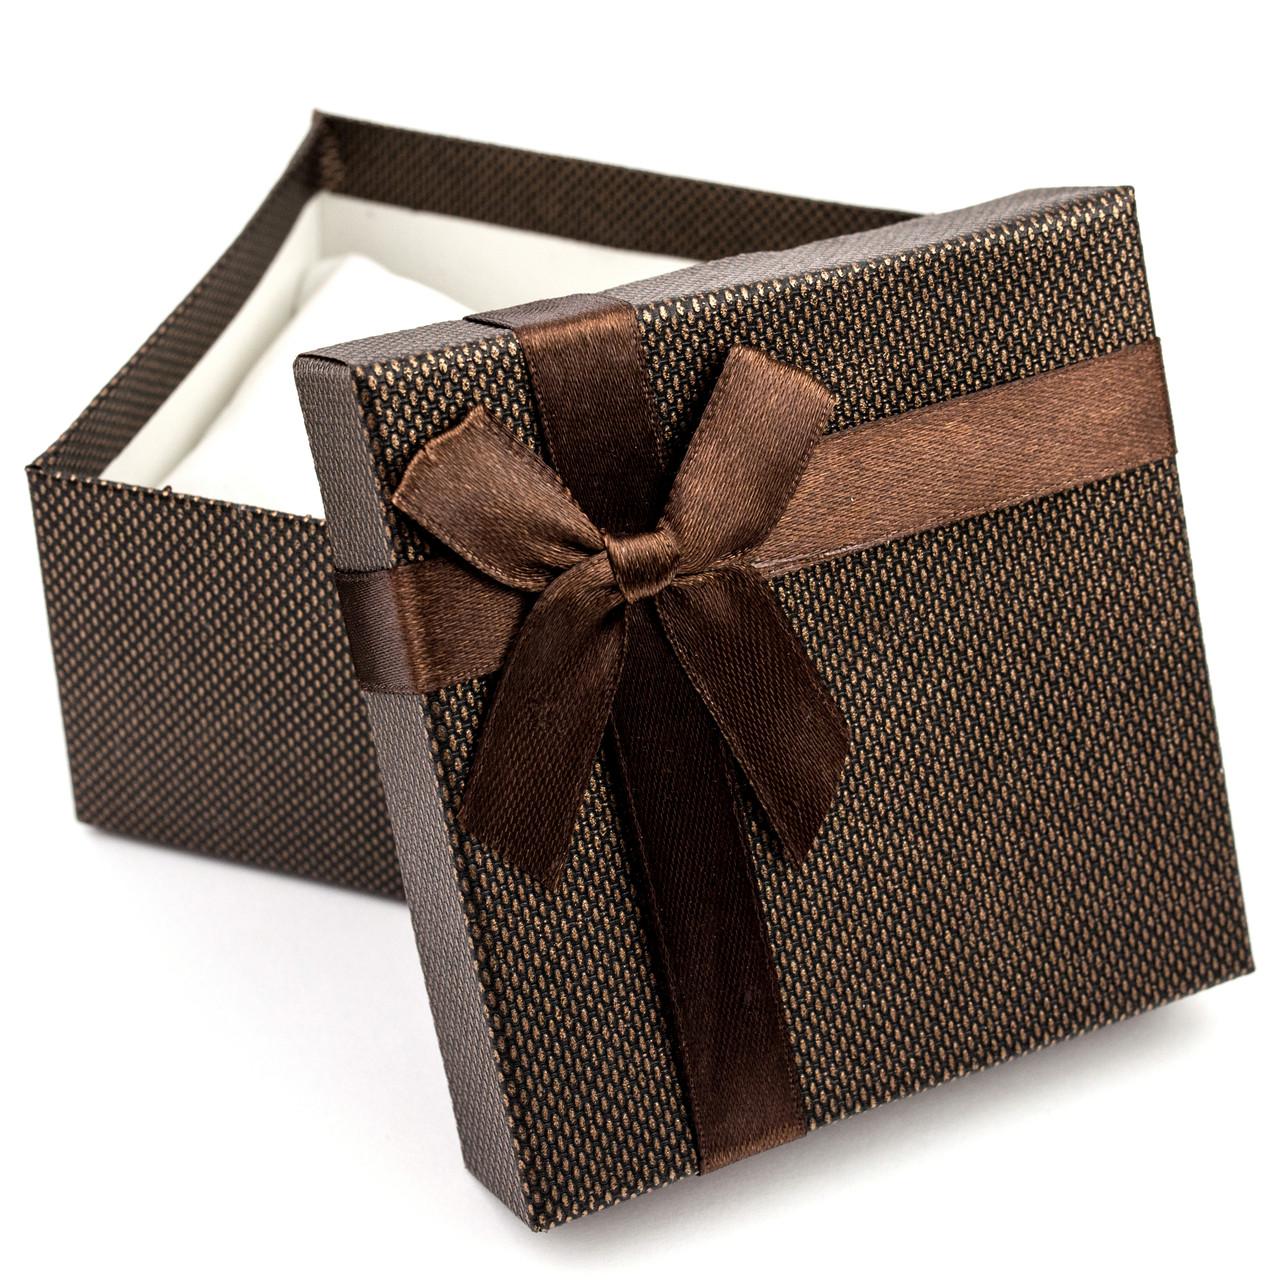 Подарочная коробка для часов или браслета коричневая 9 x 9 x 6 см